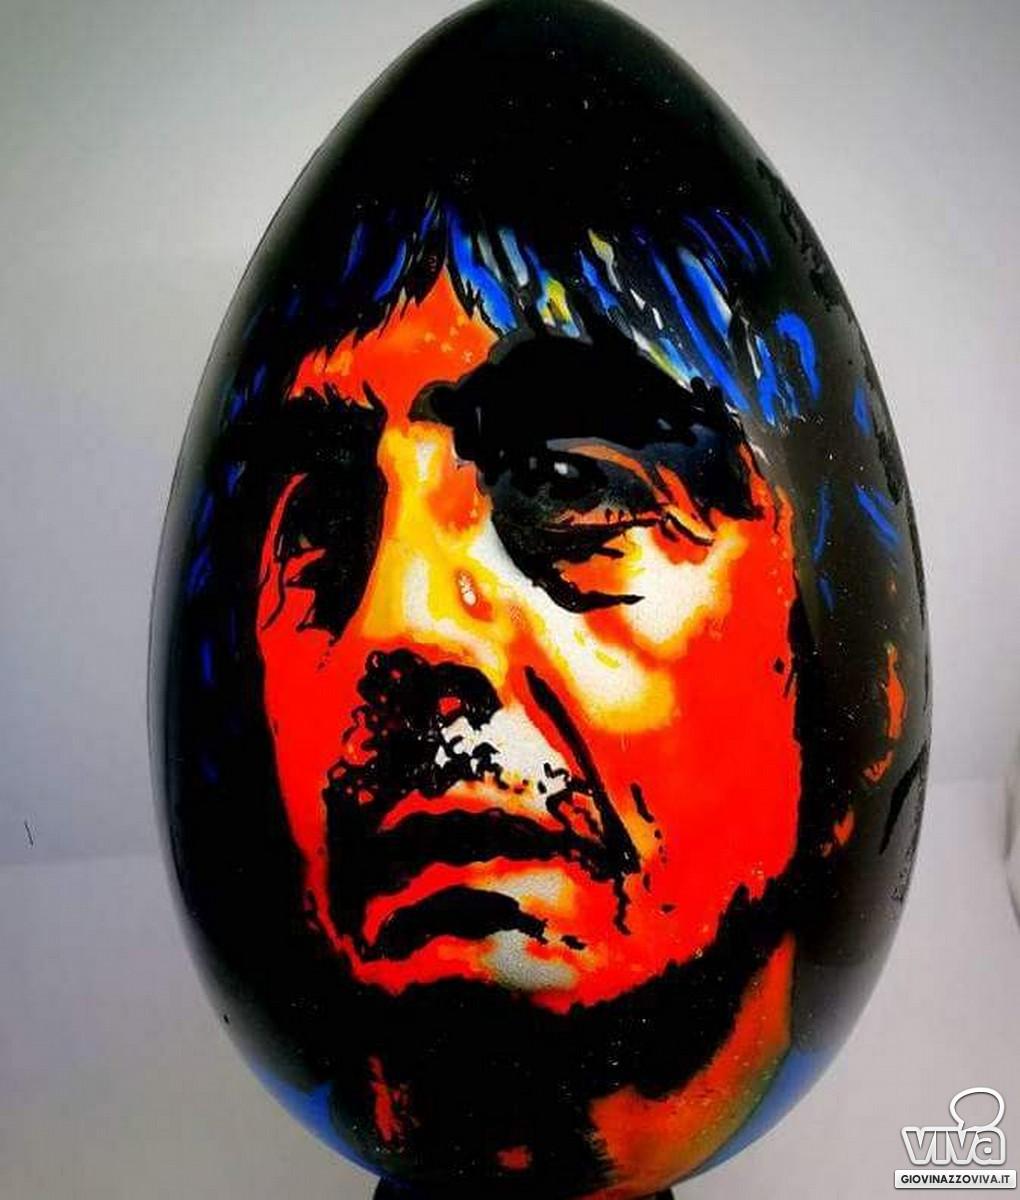 L'uovo con il volto di Sergio Rubini